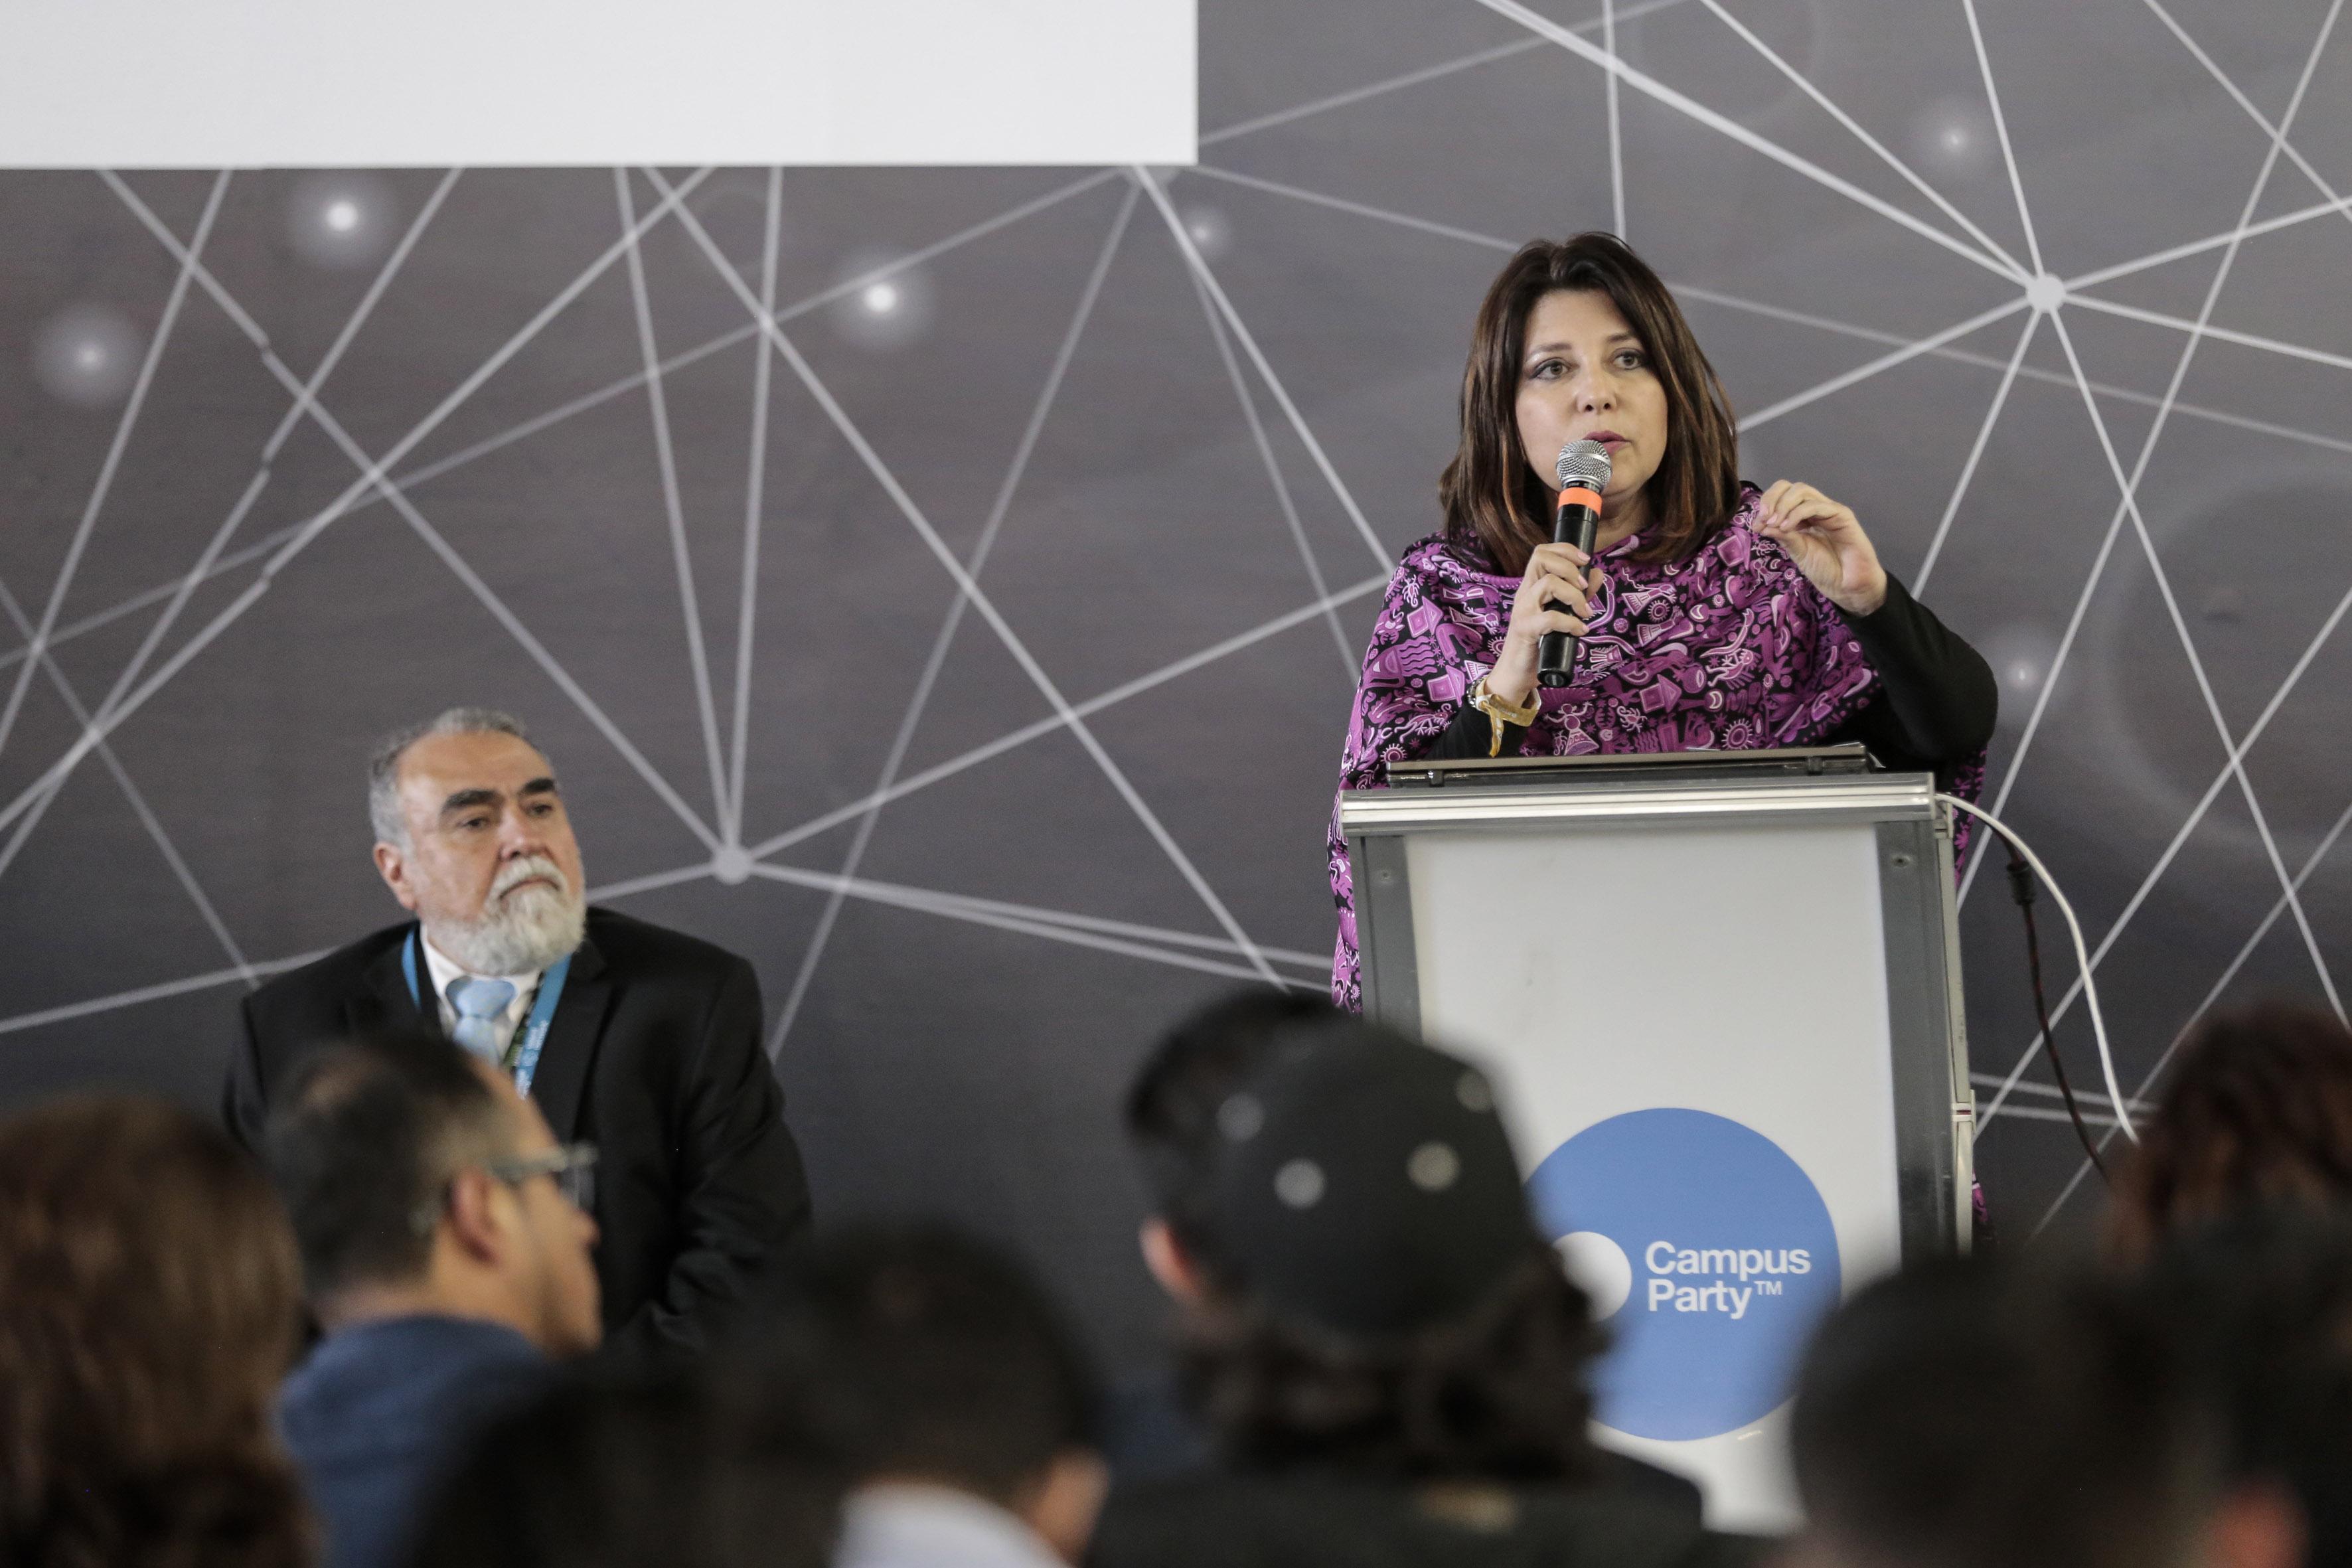 Doctora Carmen Enedina Rodríguez Armenta, Coordinadora General Administrativa,  en podium del evento y con micrófono en mano, haciendo uso de la palabra.